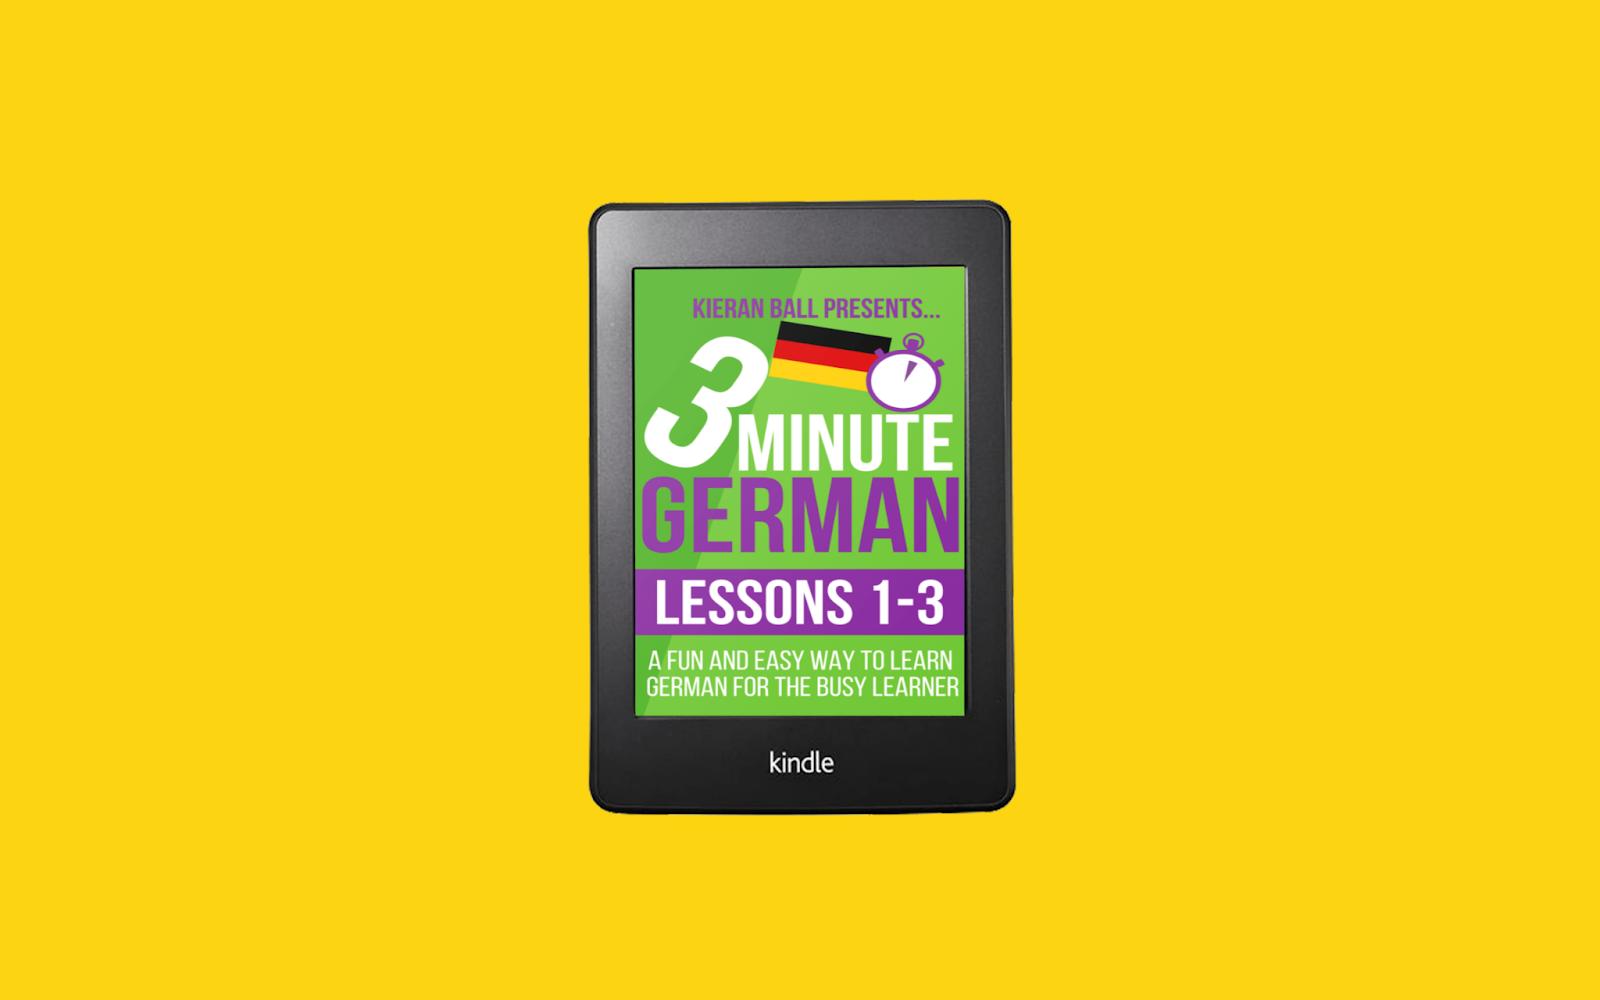 Ebook học tiếng Đức giúp bạn học mọi lúc mọi nơi chỉ với một thiết bị